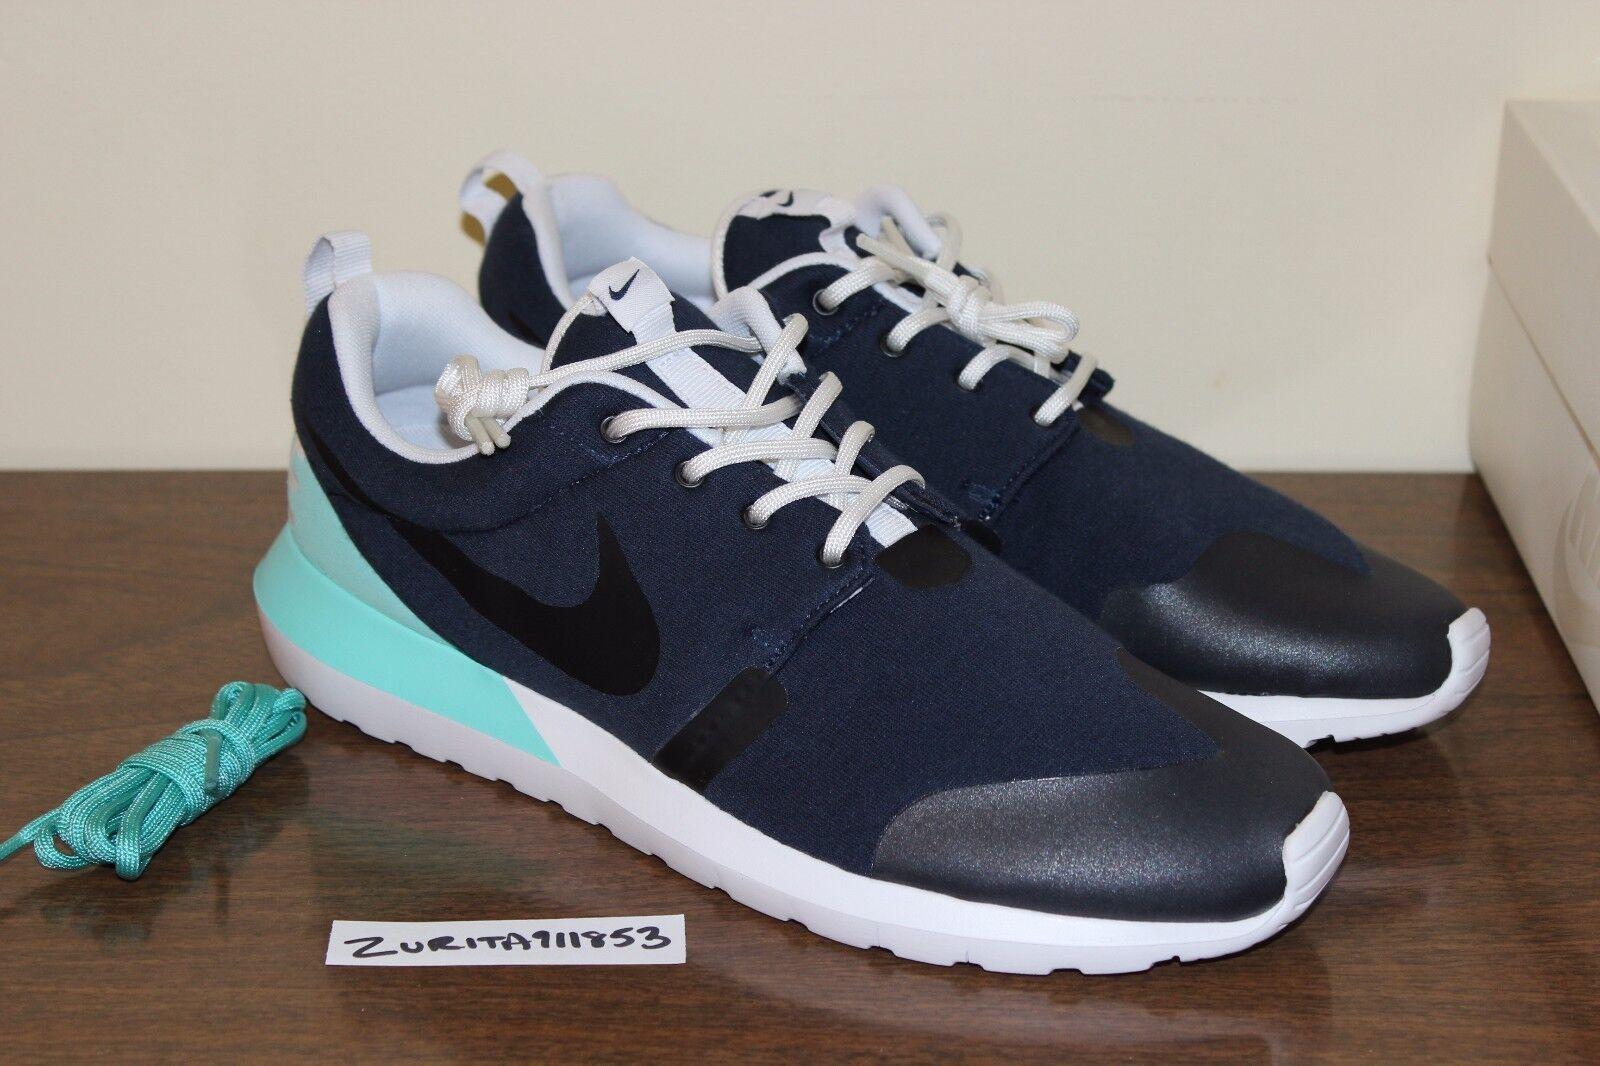 Nike Air Roshe Run nm W SP Tech Obsidian blanqueada turquesa 652804-403 Tech SP Fleece nuevos zapatos para hombres y mujeres, el limitado tiempo de descuento 1ee977